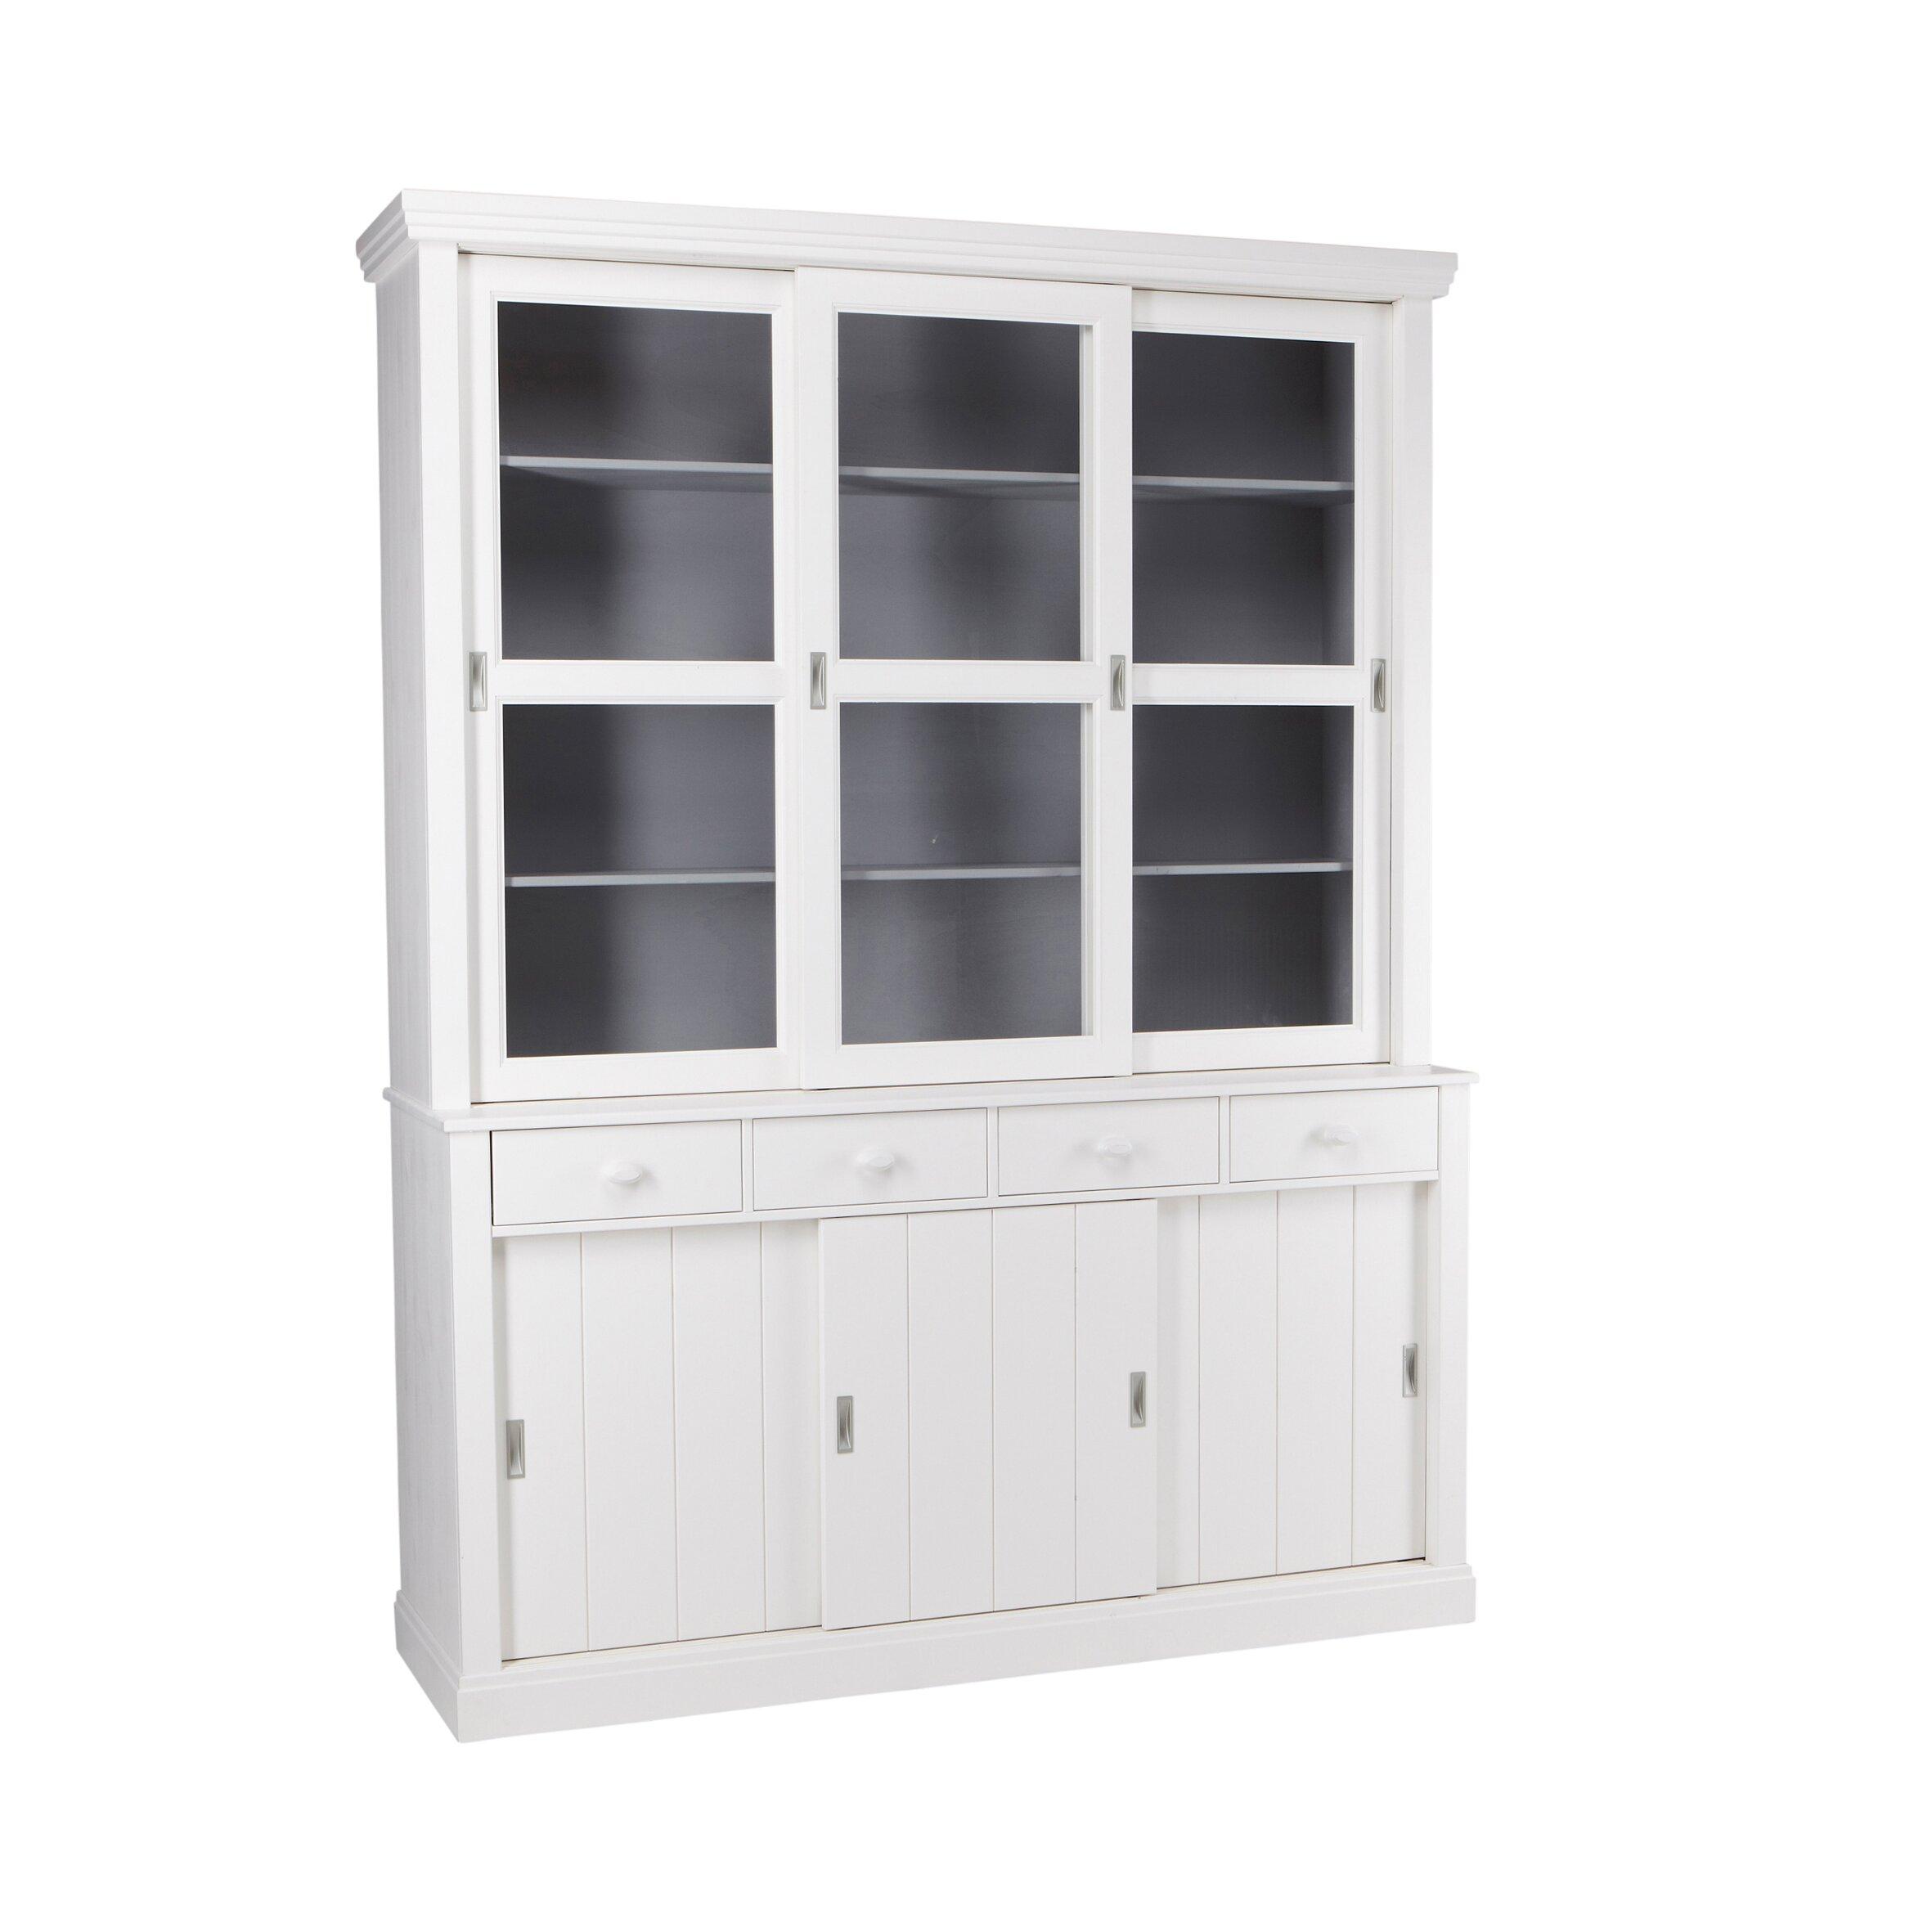 Marvellous thomasville cabinets